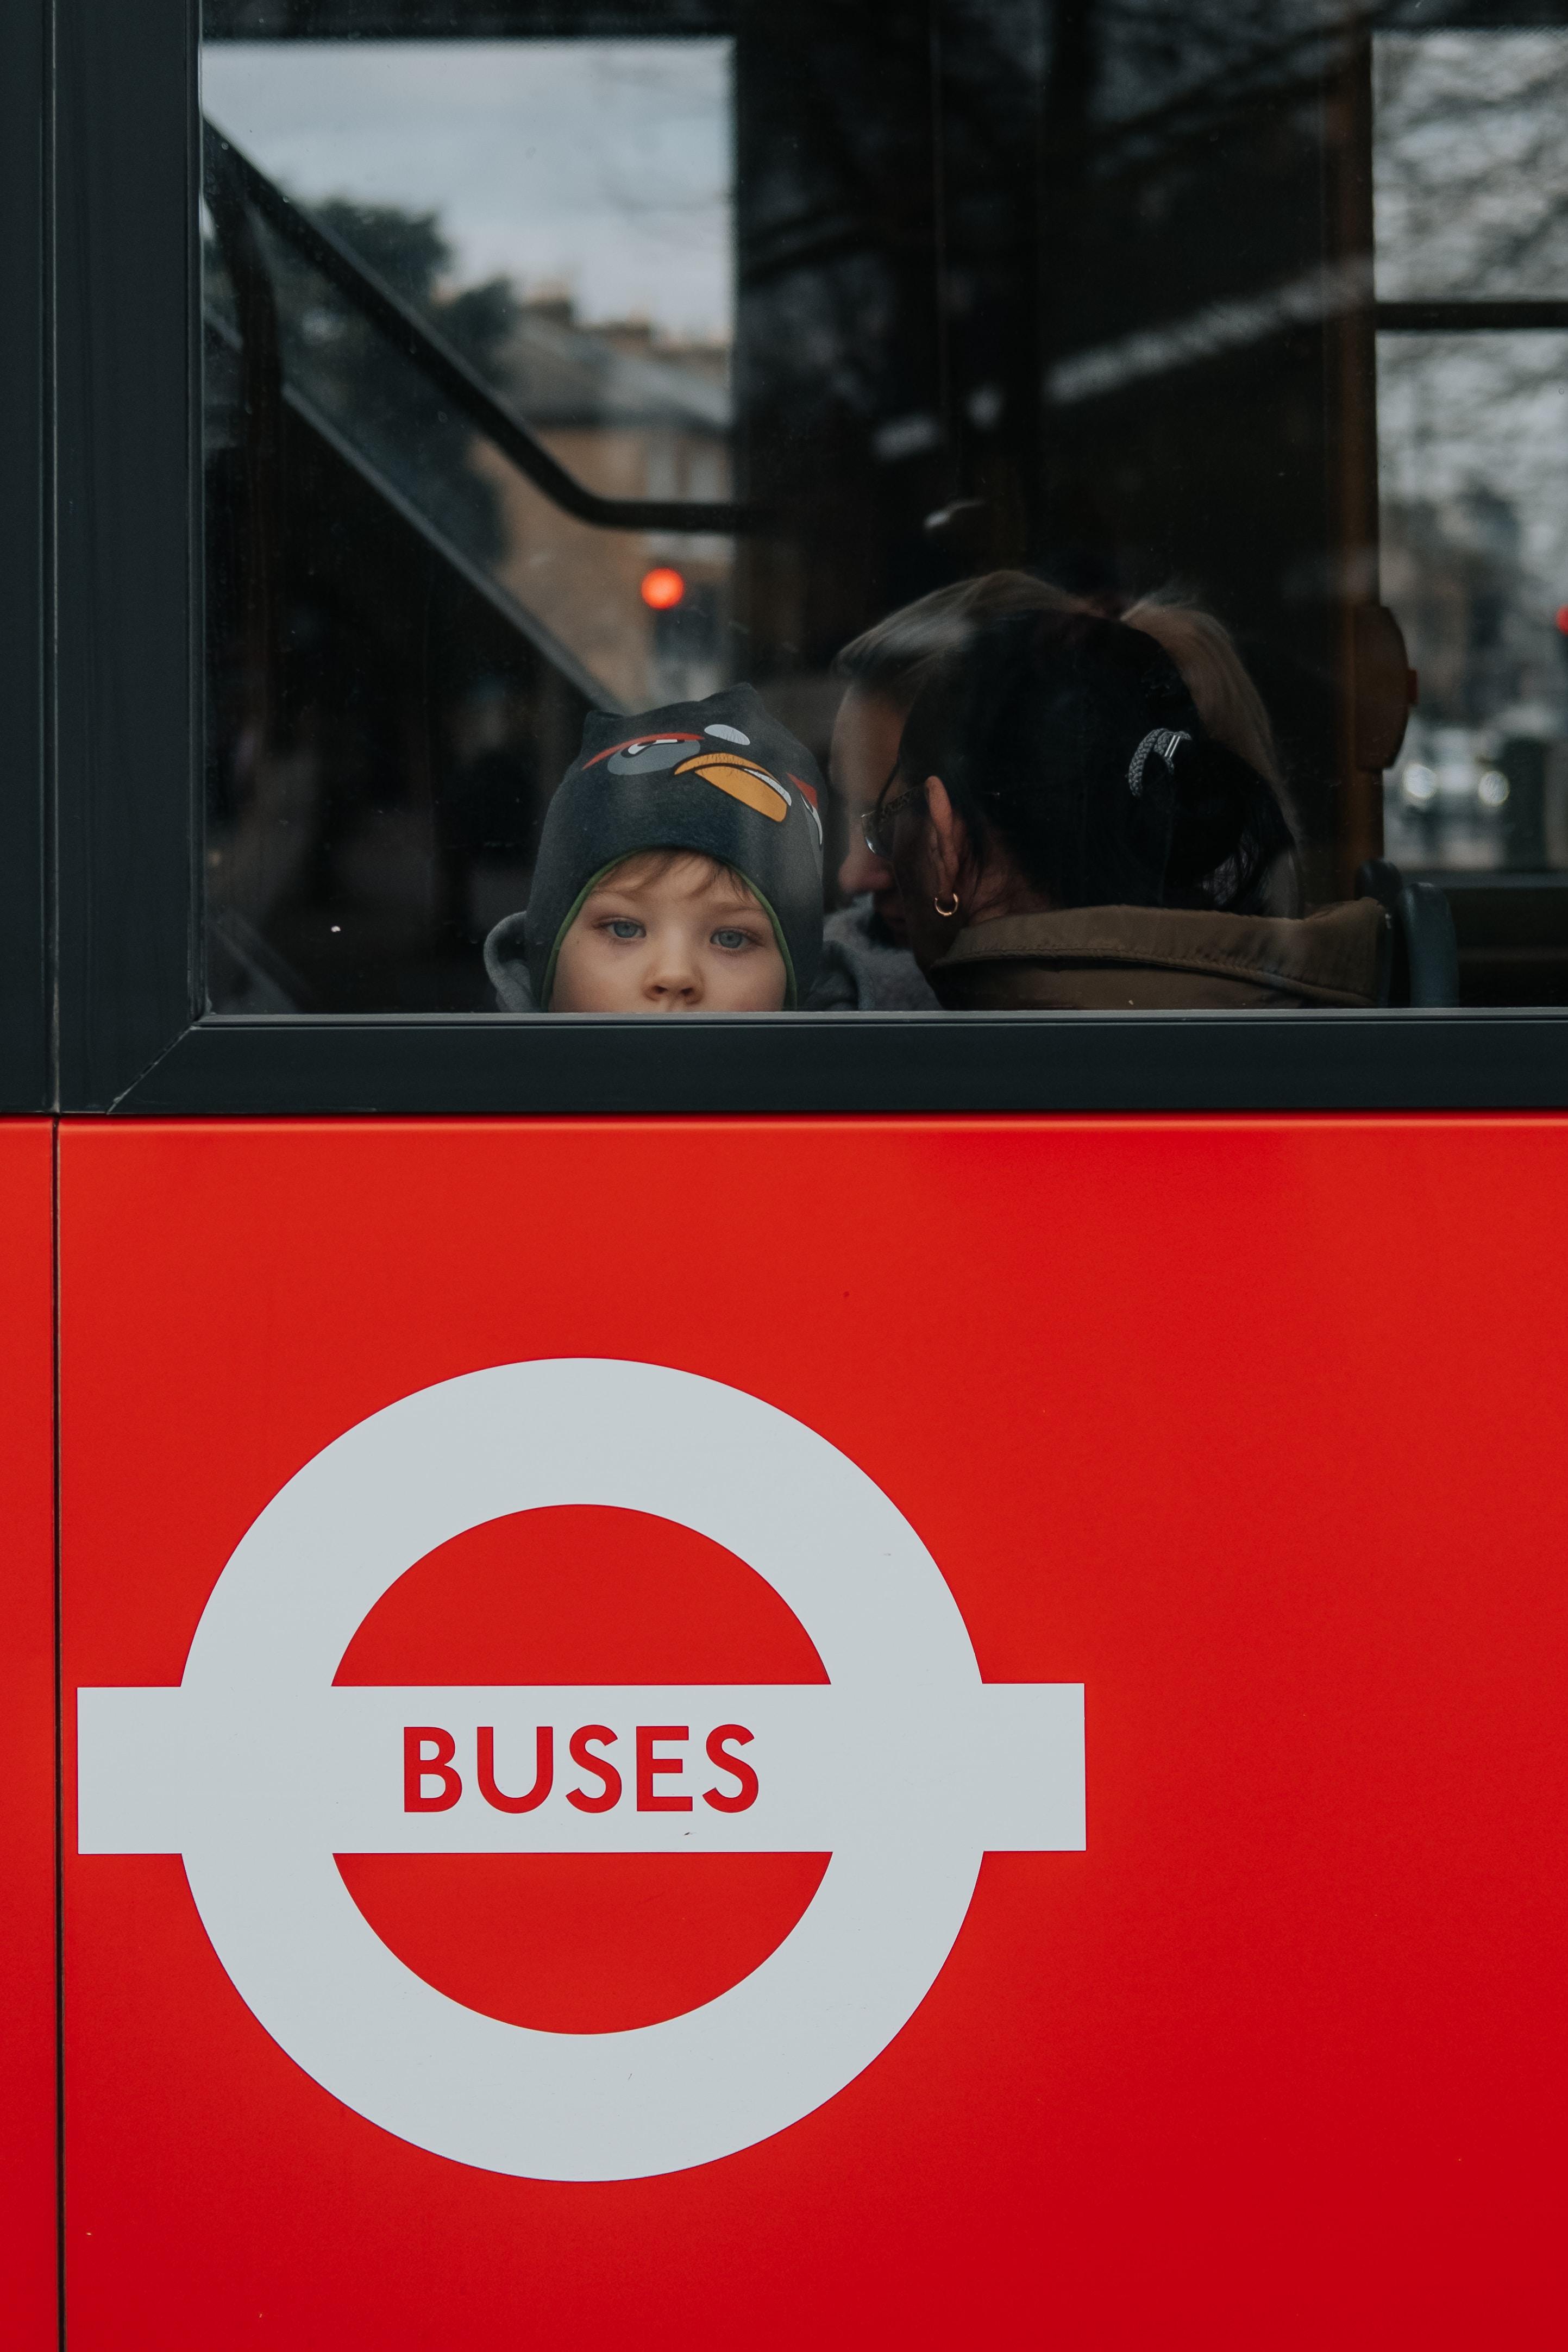 utilizza i trasporti pubblici con i bambini ogni volta che puoi